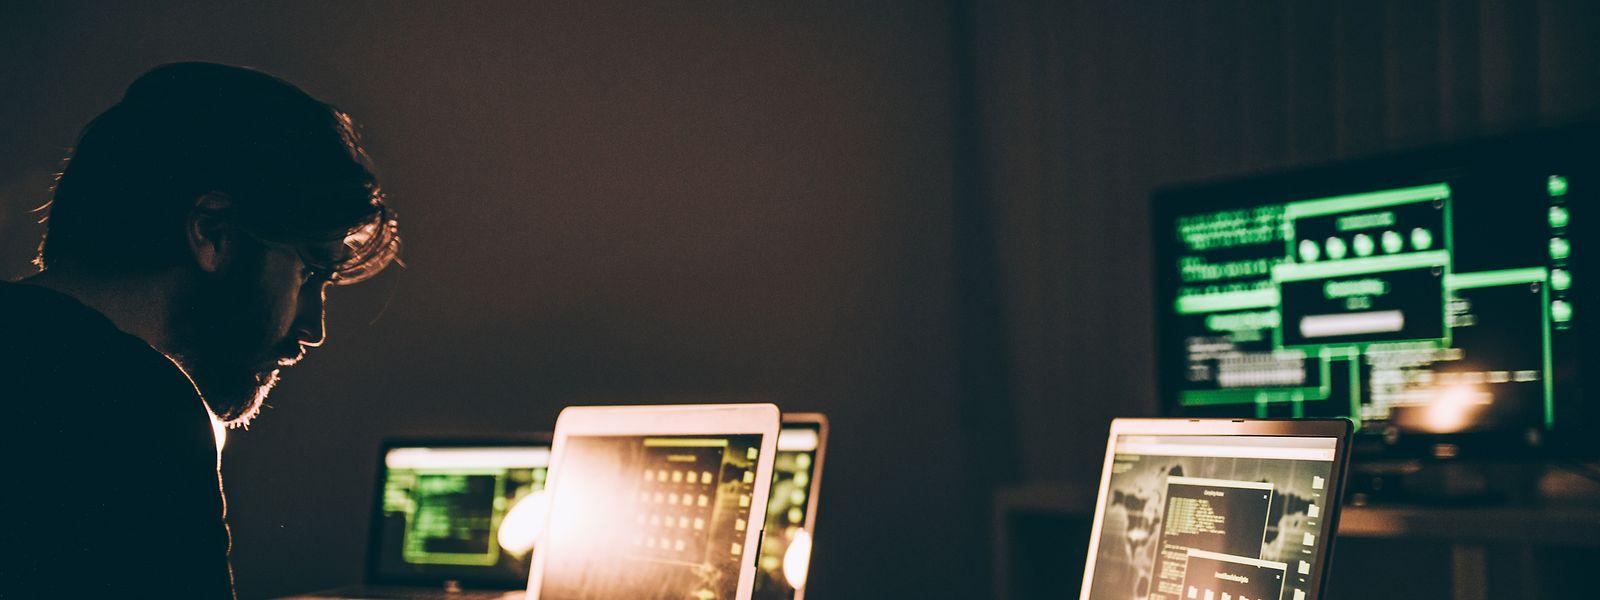 Besonders Ransomware-Angriffe haben in der Pandemie zugenommen. Die Isolation im Homeoffice machte viele Nutzer anfälliger für die Maschen der Hacker.